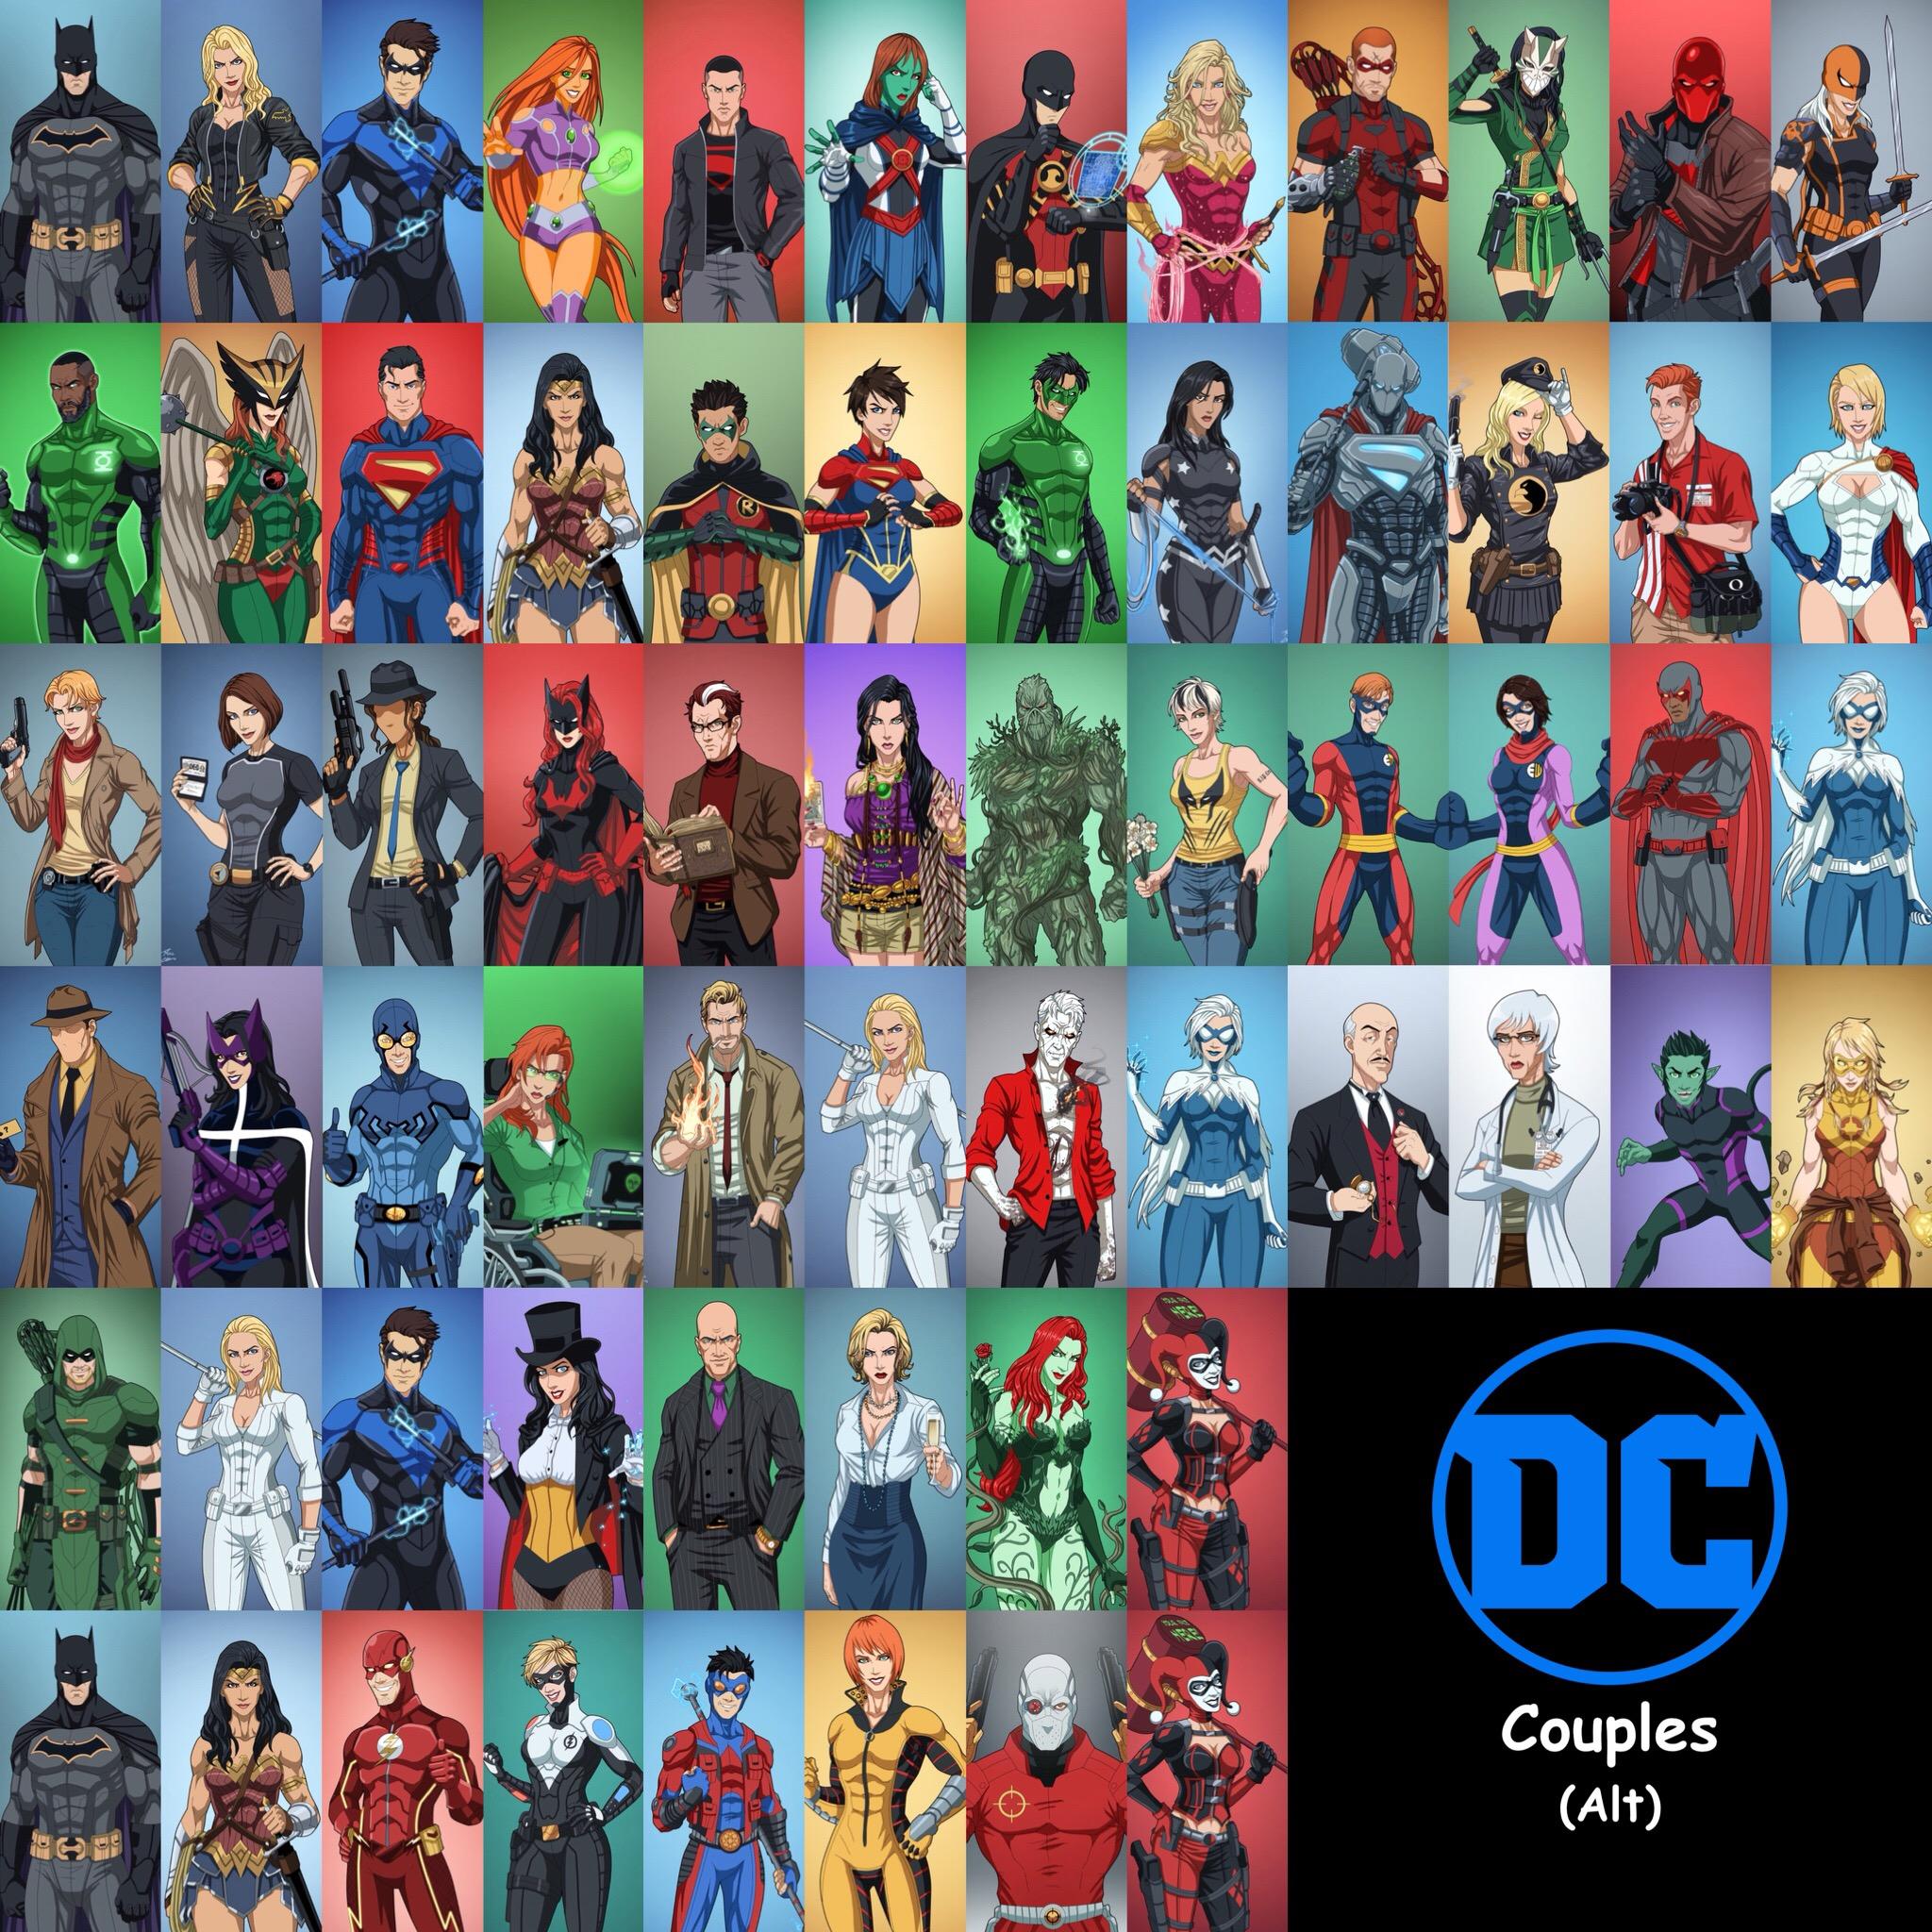 DC Couples (Alt.)